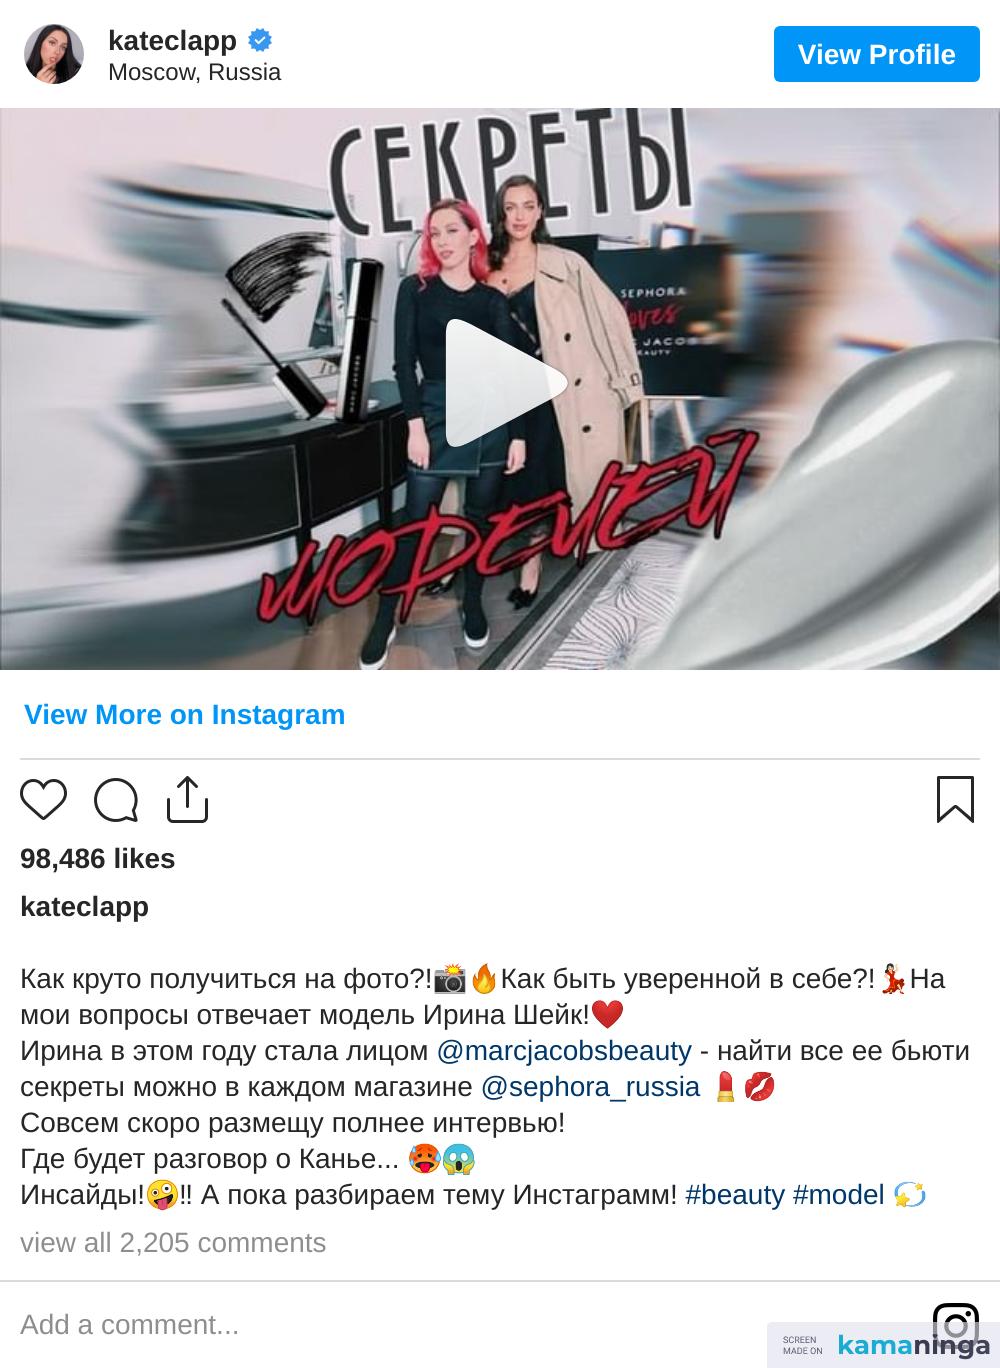 https://www.instagram.com/p/BtgAewJlk26/